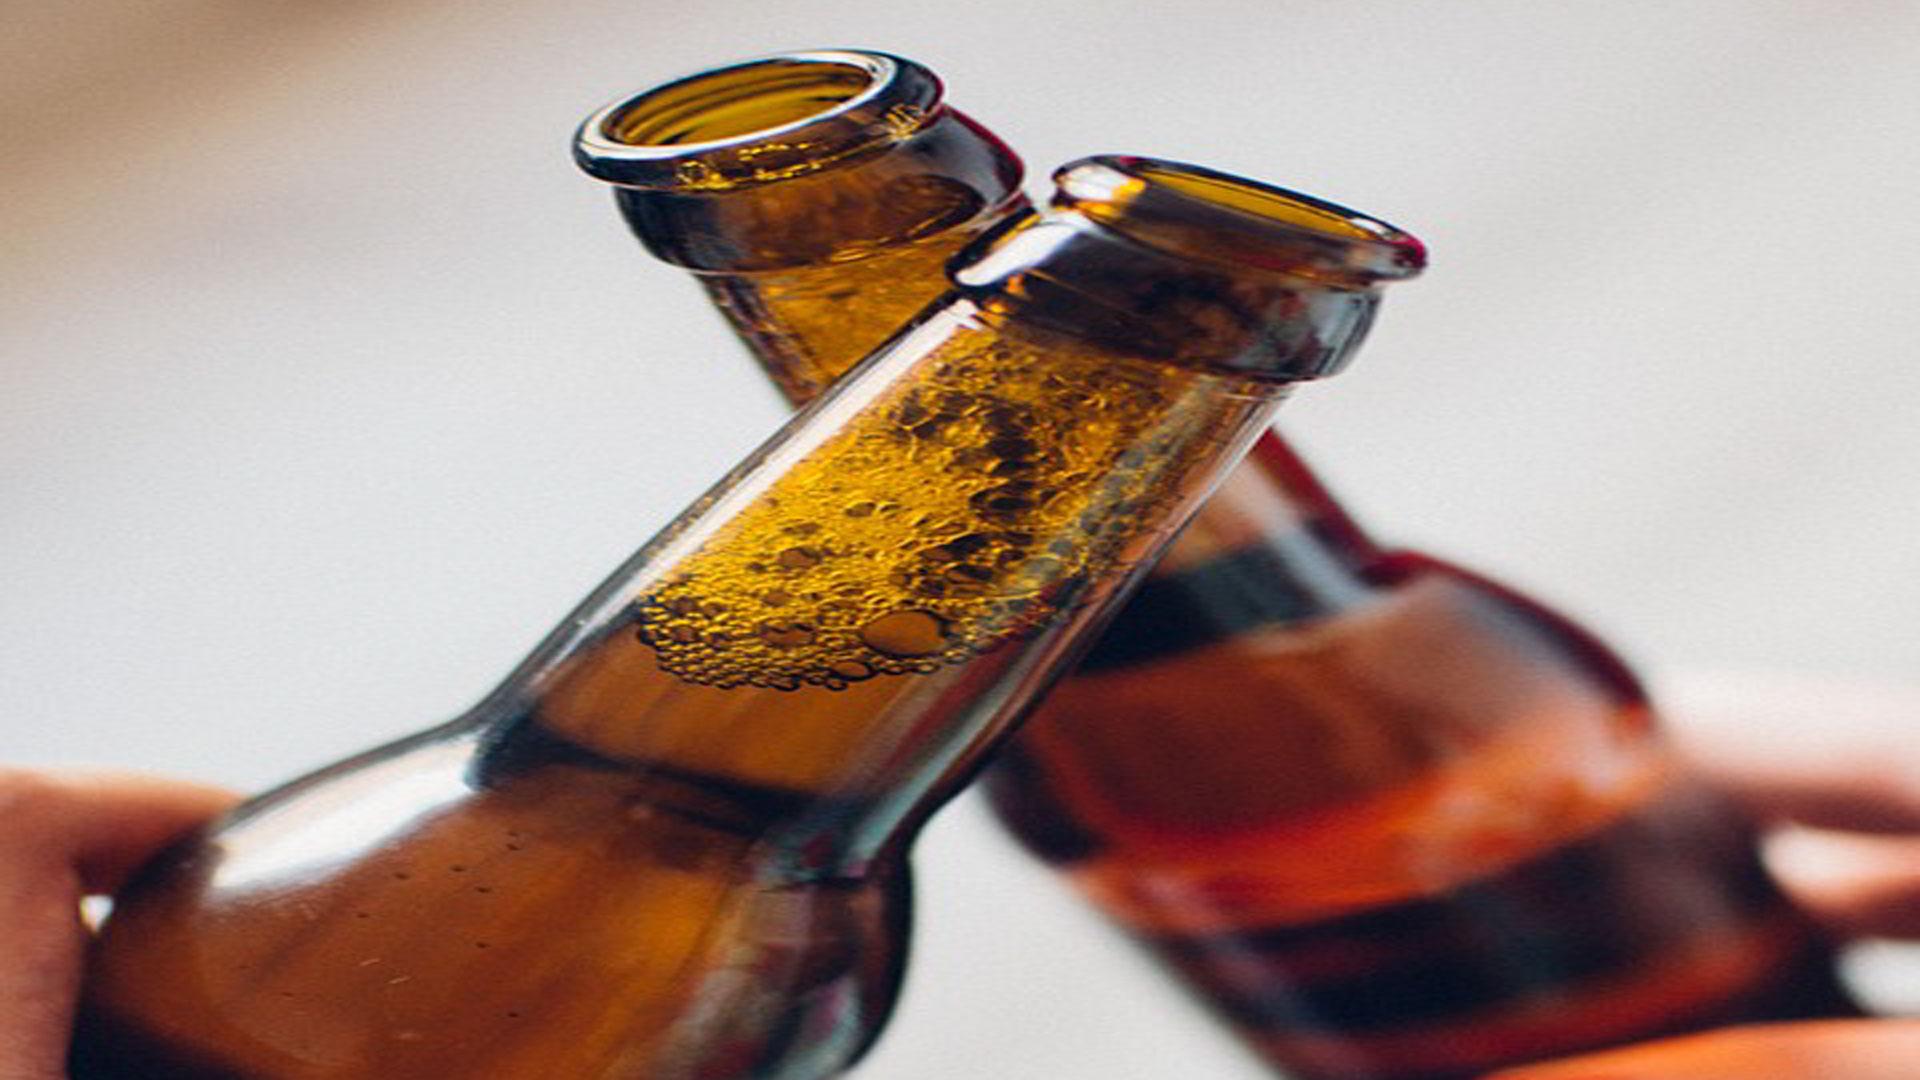 Las-cervezas-españolas-triunfan-1920